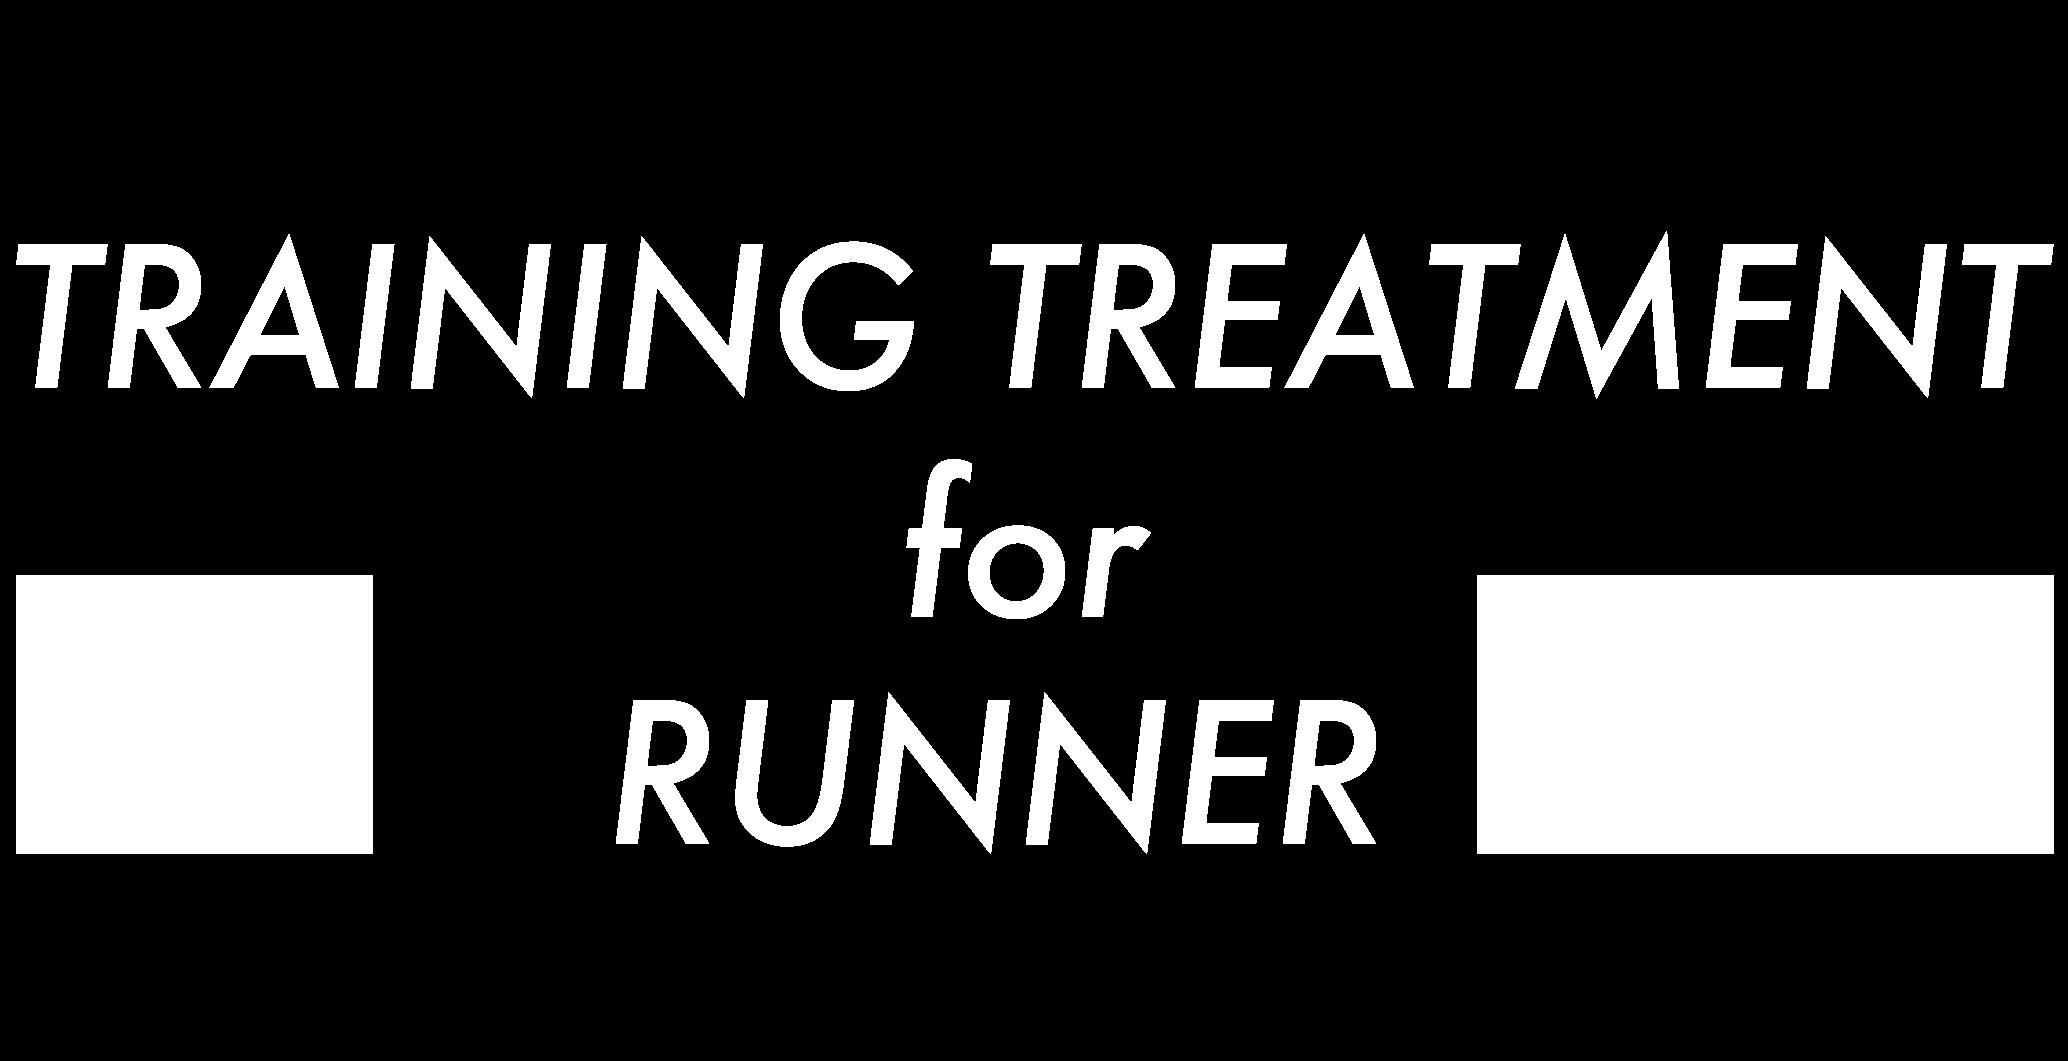 TRAINING TREATMENT for RUNNER